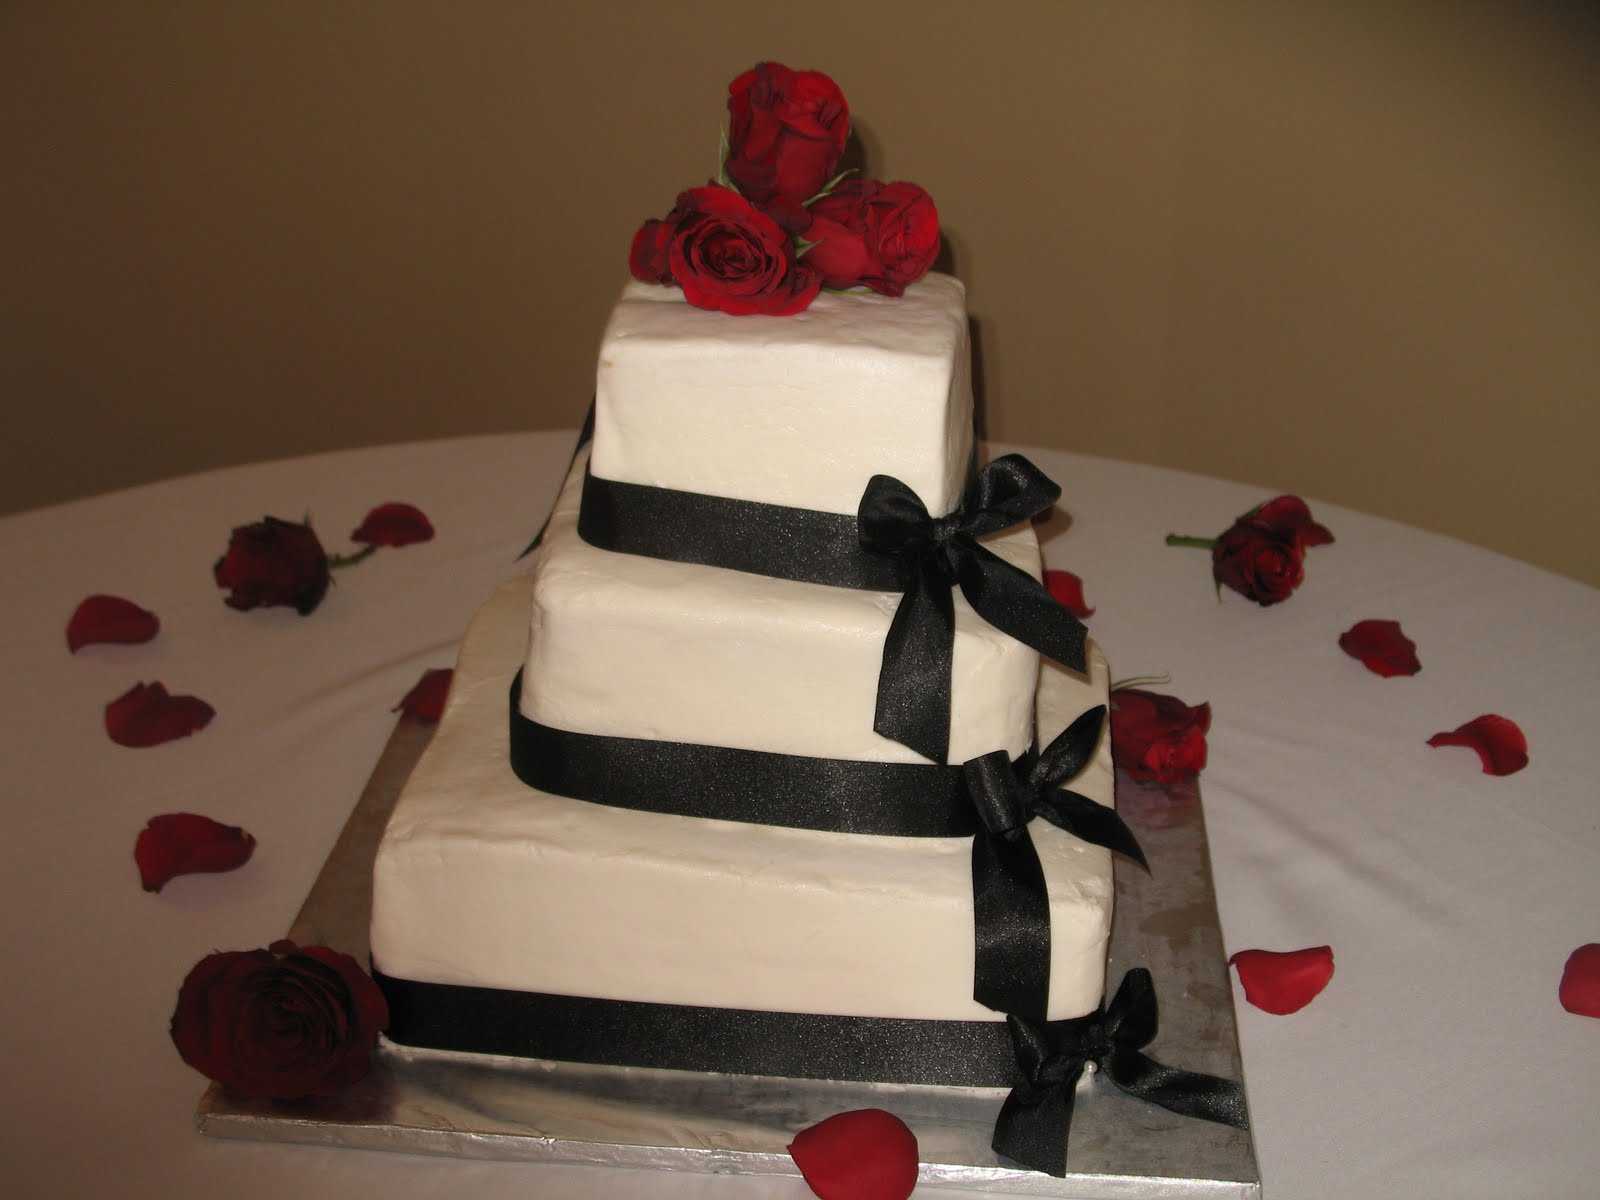 Dede s Cakes 3 Tier Square Wedding Cake